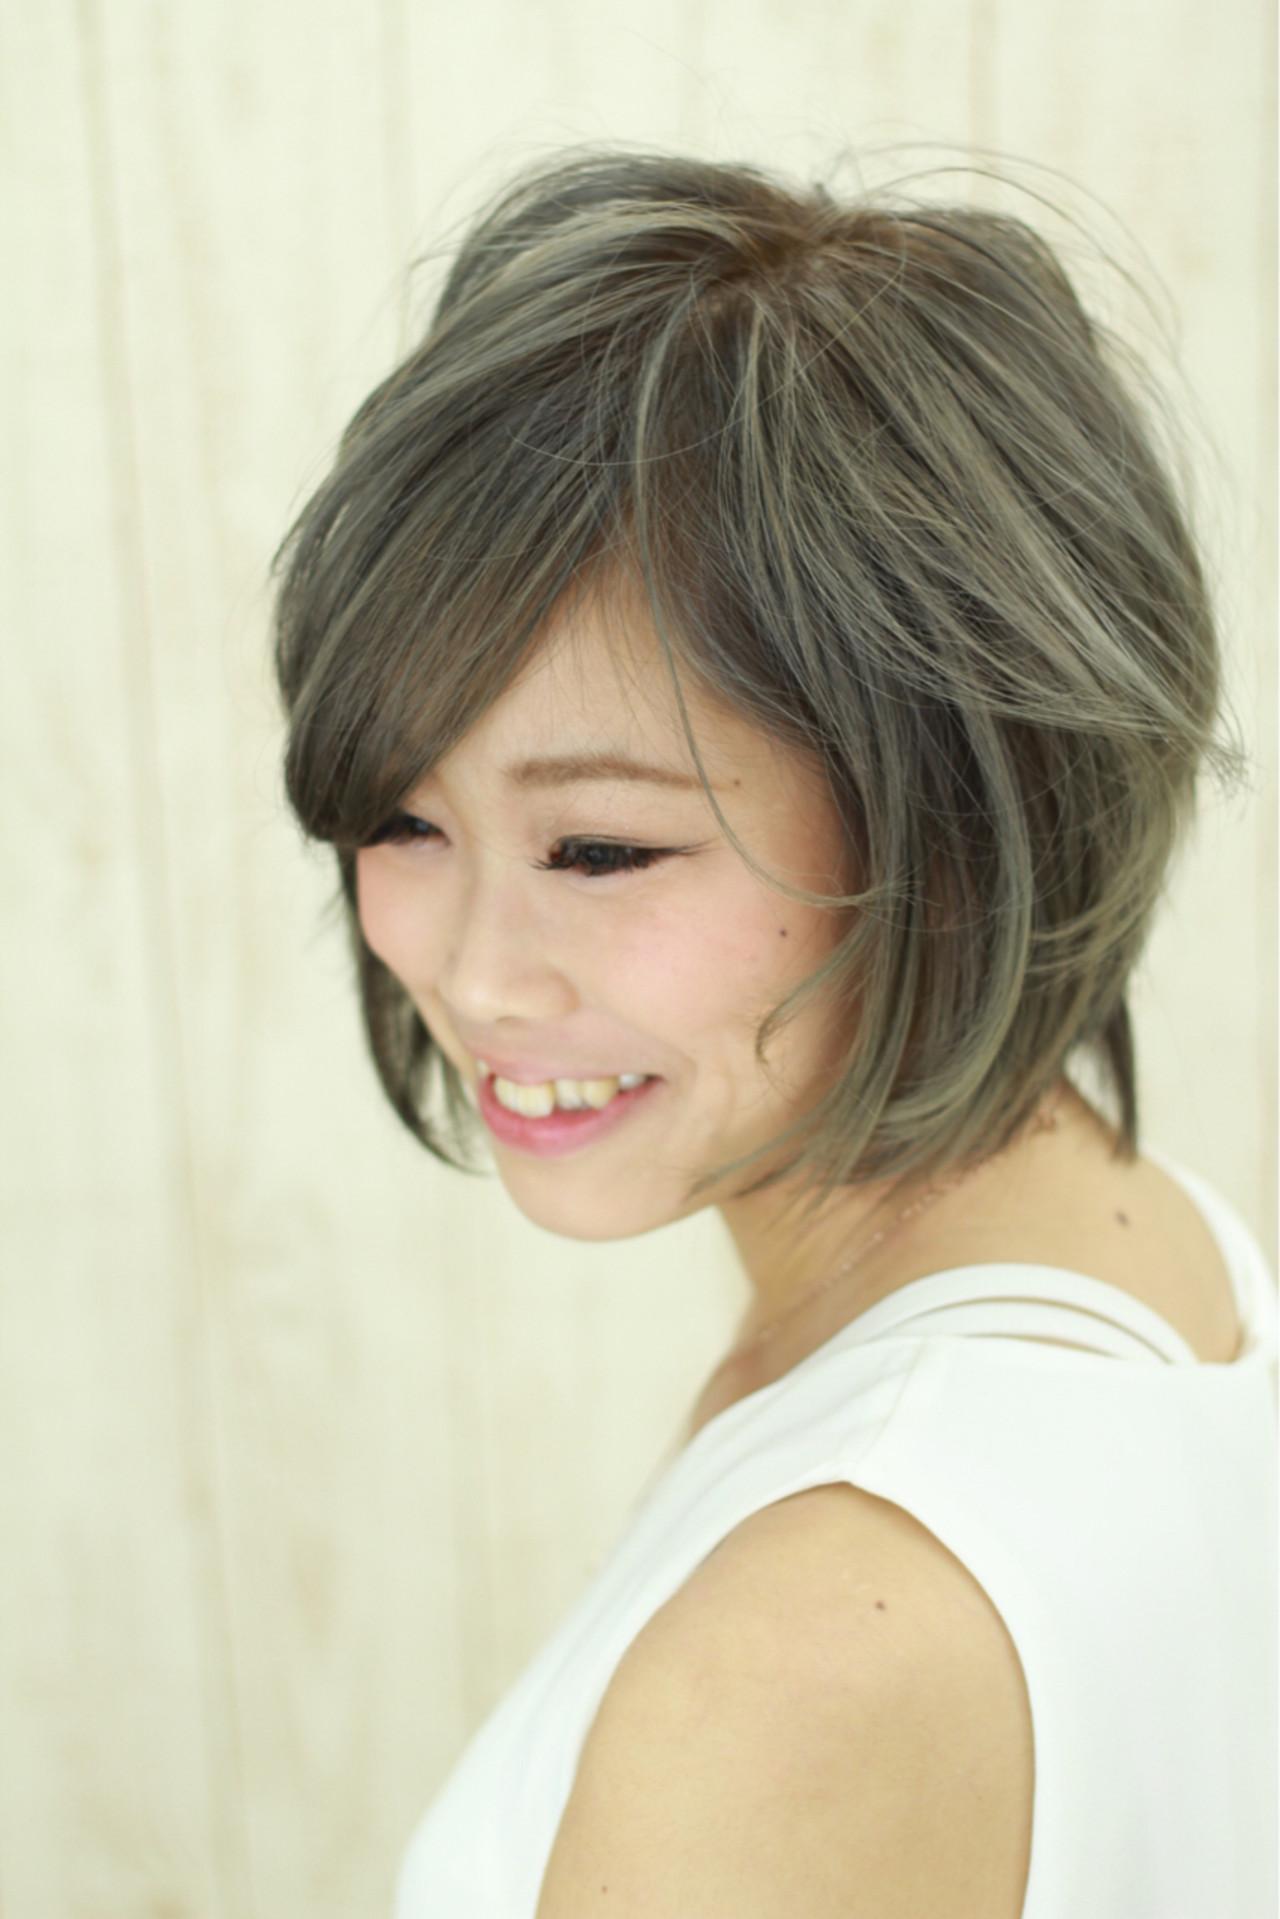 イルミナカラー 小顔 グレージュ アッシュ ヘアスタイルや髪型の写真・画像 | 大和田 誠 / Anphi 弘明寺